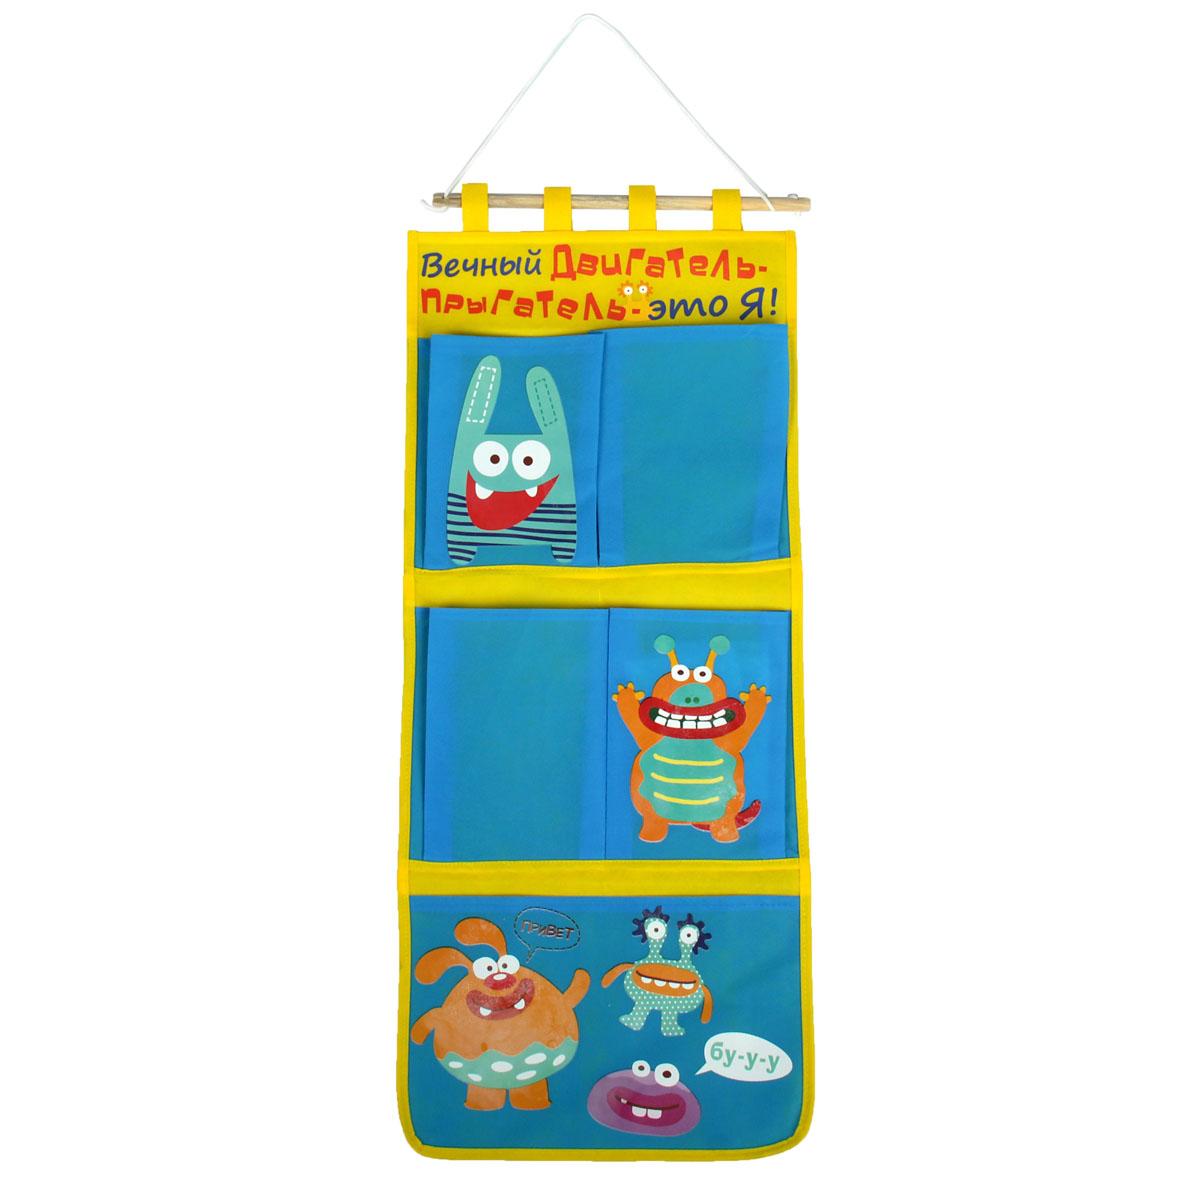 Кармашки на стену Sima-land Двигатель-прыгатель, цвет: голубой, желтый, белый, 5 шт28907 4Кармашки на стену Sima-land «Двигатель-прыгатель», изготовленные из текстиля, предназначены для хранения необходимых вещей, множества мелочей в гардеробной, ванной, детской комнатах. Изделие представляет собой текстильное полотно с пятью пришитыми кармашками. Благодаря деревянной планке и шнурку, кармашки можно подвесить на стену или дверь в необходимом для вас месте. Кармашки декорированы изображениями забавных фантастических мультяшек и надписью «Вечный двигатель-прыгатель - это я!».Этот нужный предмет может стать одновременно и декоративным элементом комнаты. Яркий дизайн, как ничто иное, способен оживить интерьер вашего дома.